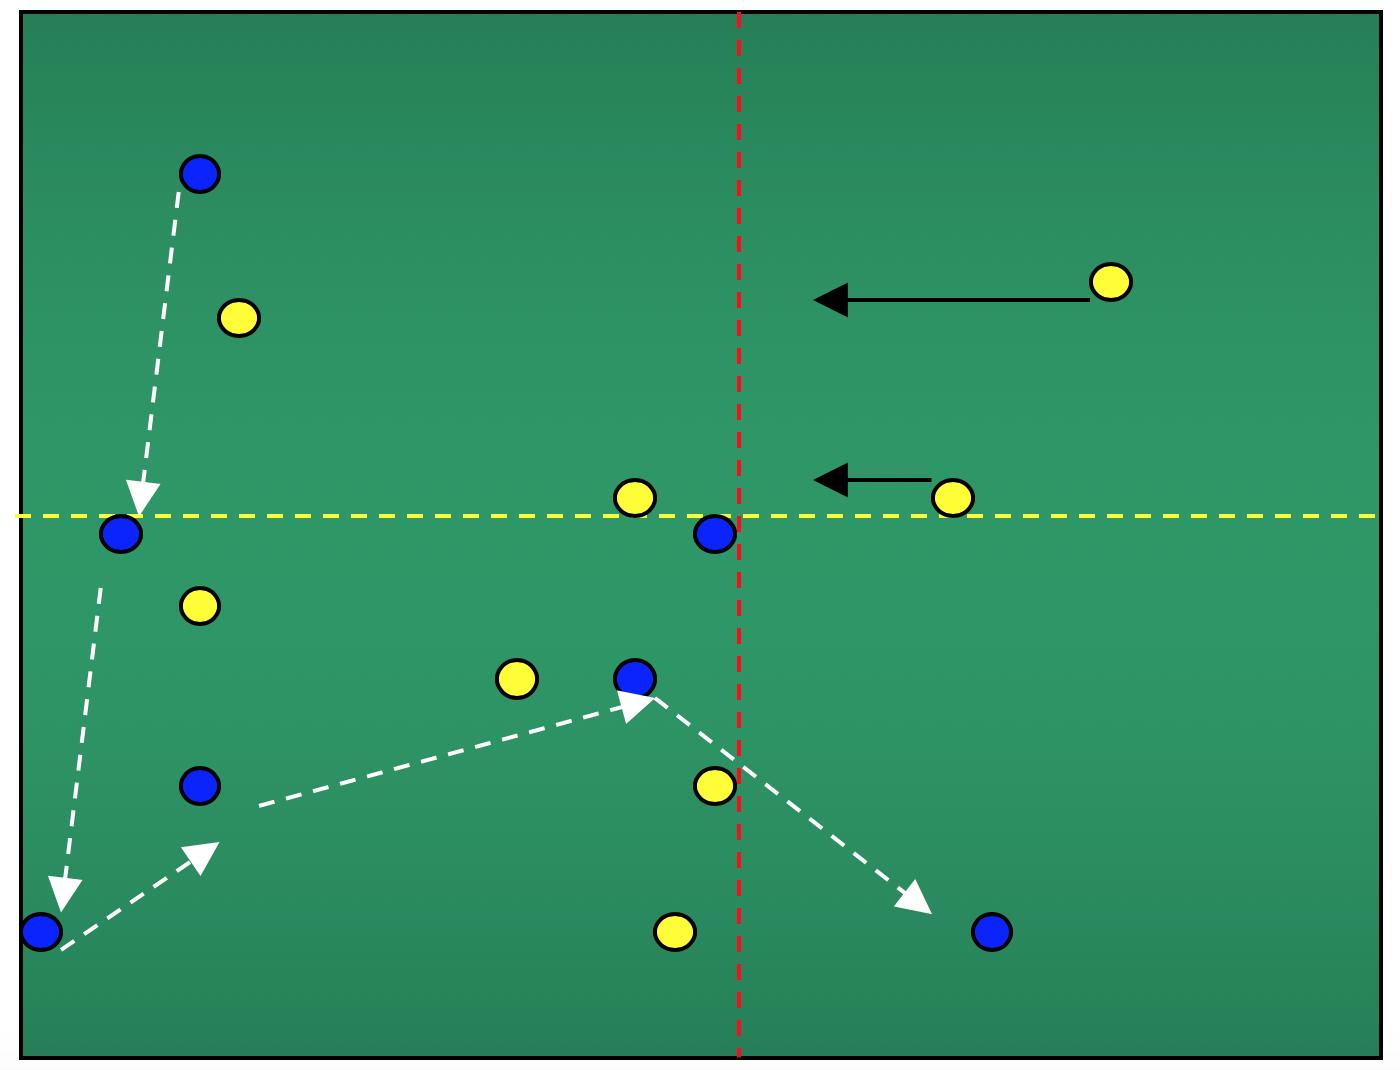 Posesión 4 Zonas. Ejercicio de Entrenamiento de Fútbol.